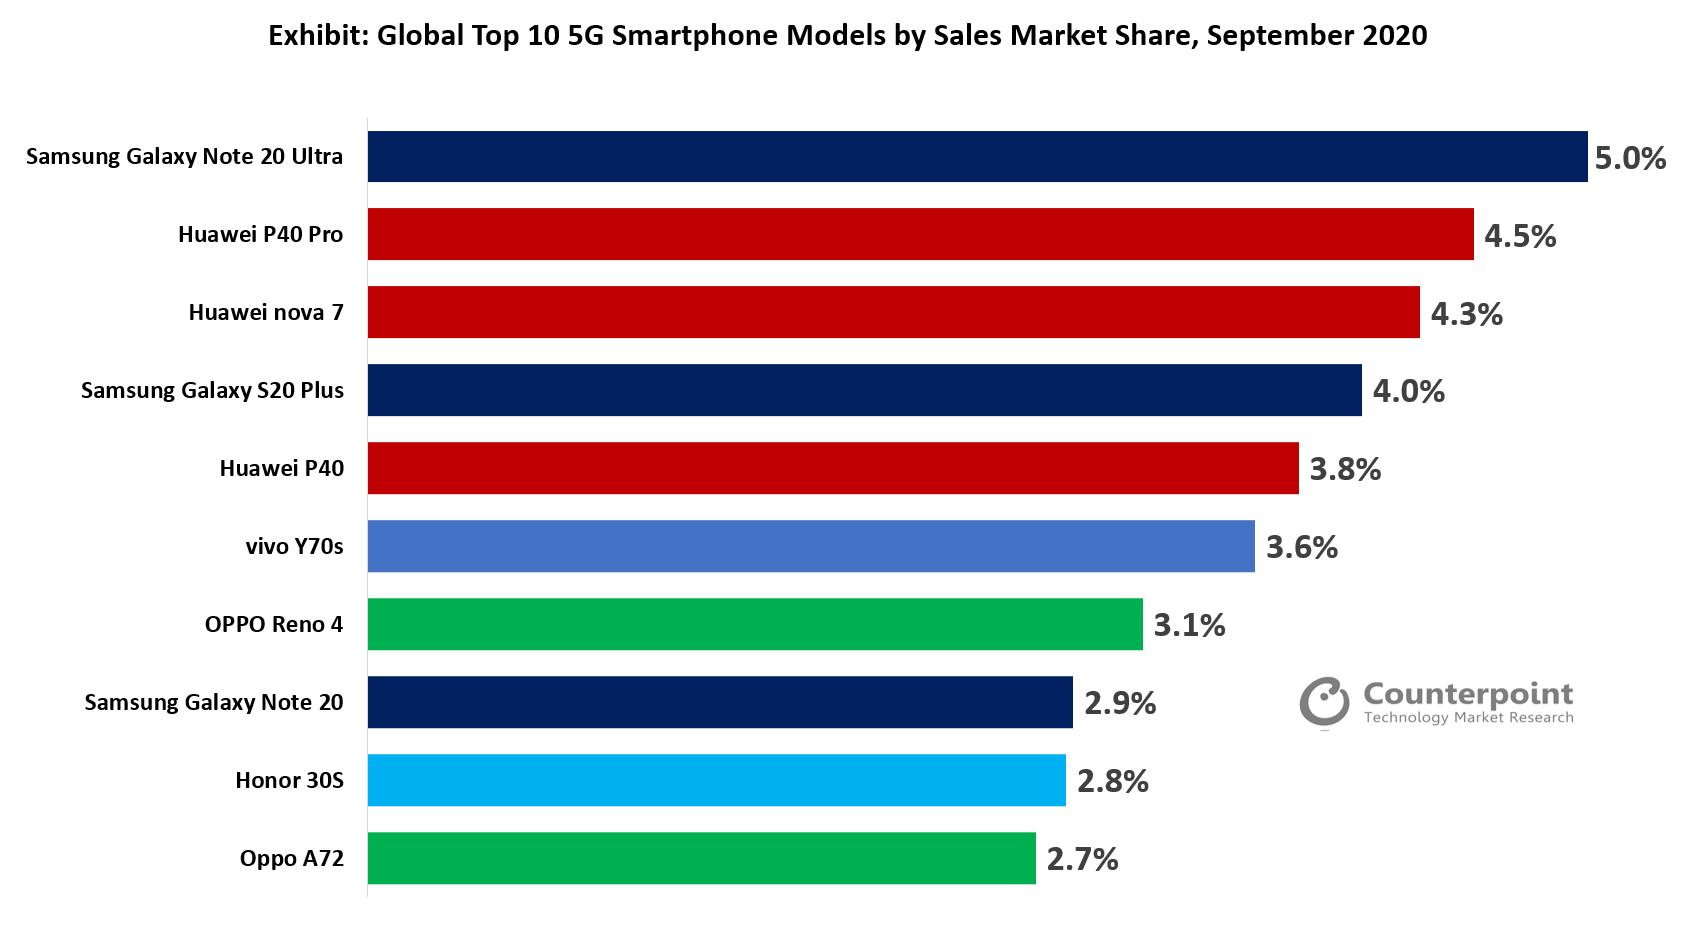 华为三星包揽全球9月5G机型畅销TOP5 TOP10中7款国产